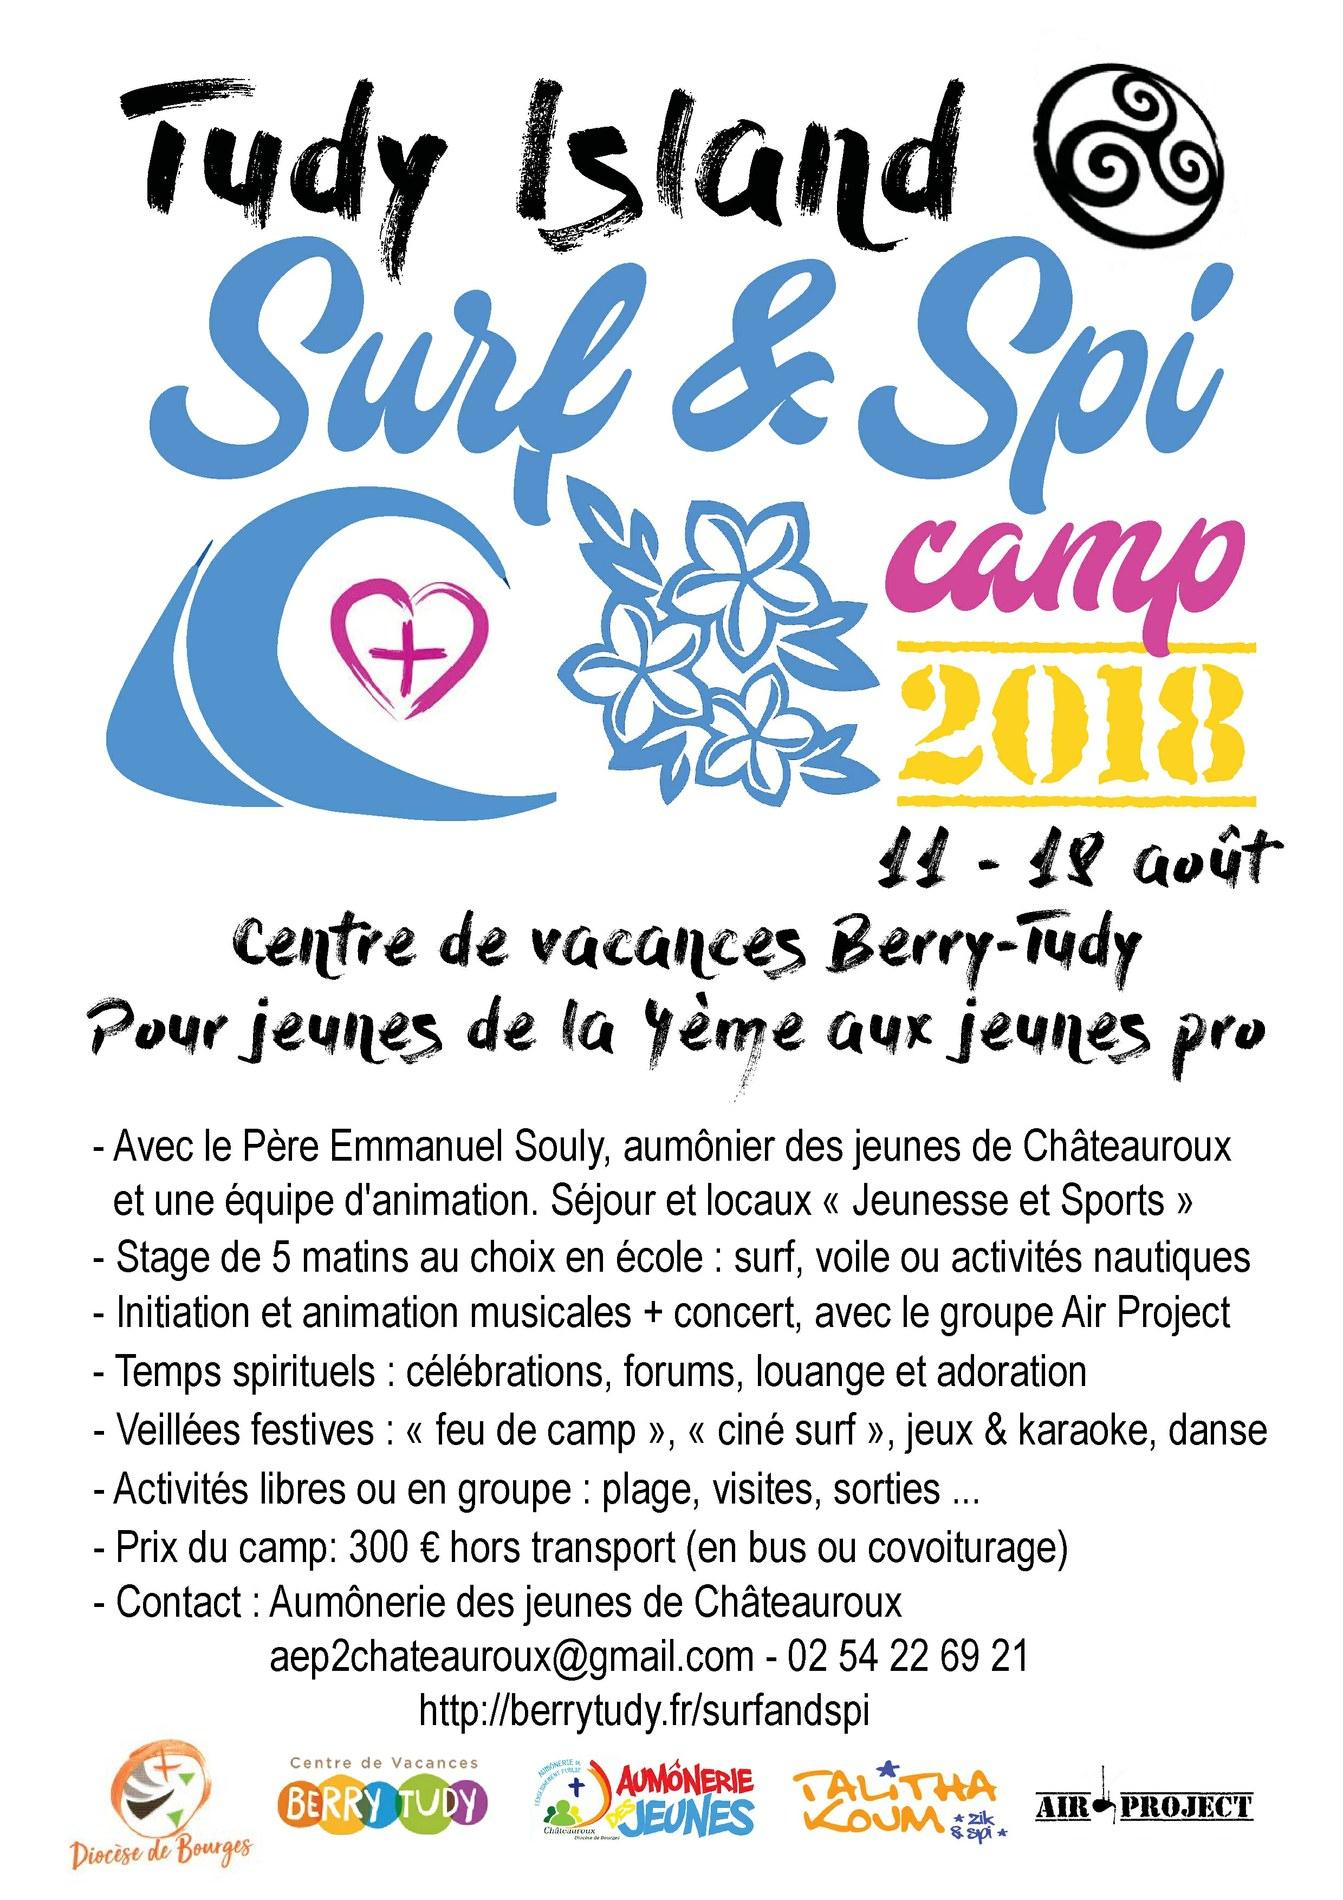 Tudy Island – Surf and Spi – camp de vacances du 11 au 18 août 2018 à l'Île-Tudy (29)